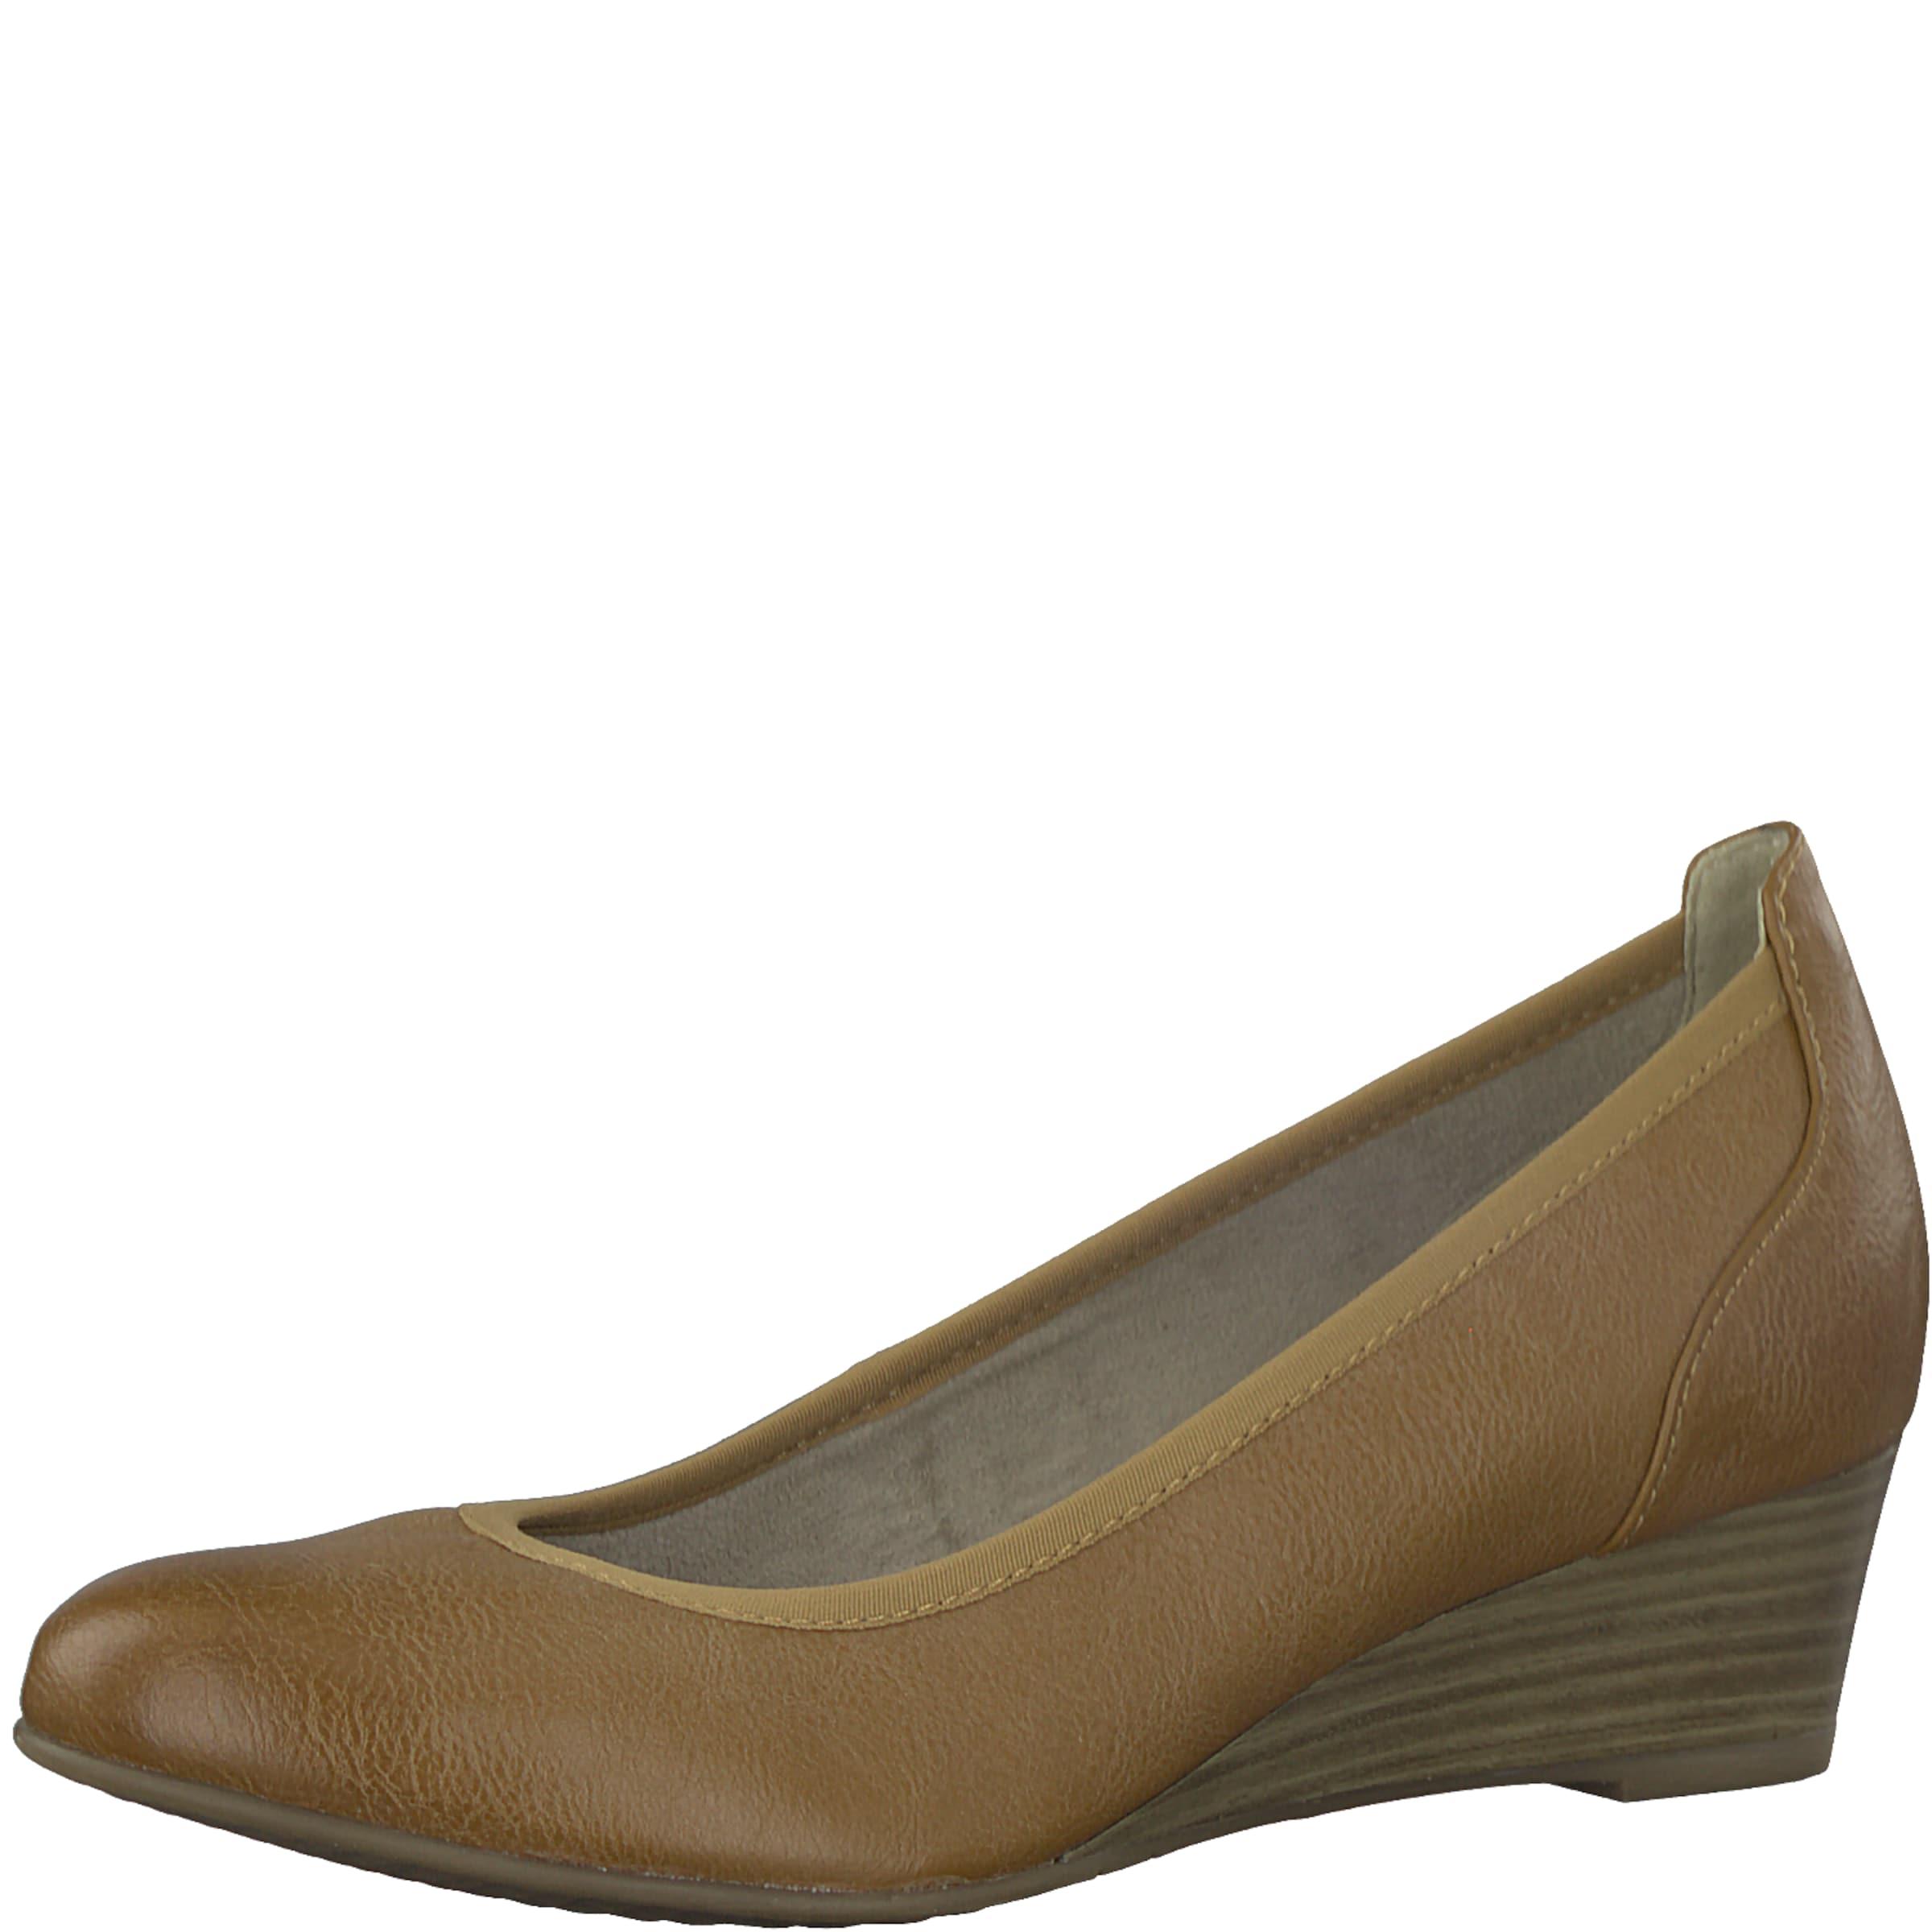 TAMARIS Pumps mit Wedgeabsatz Verschleißfeste billige Schuhe